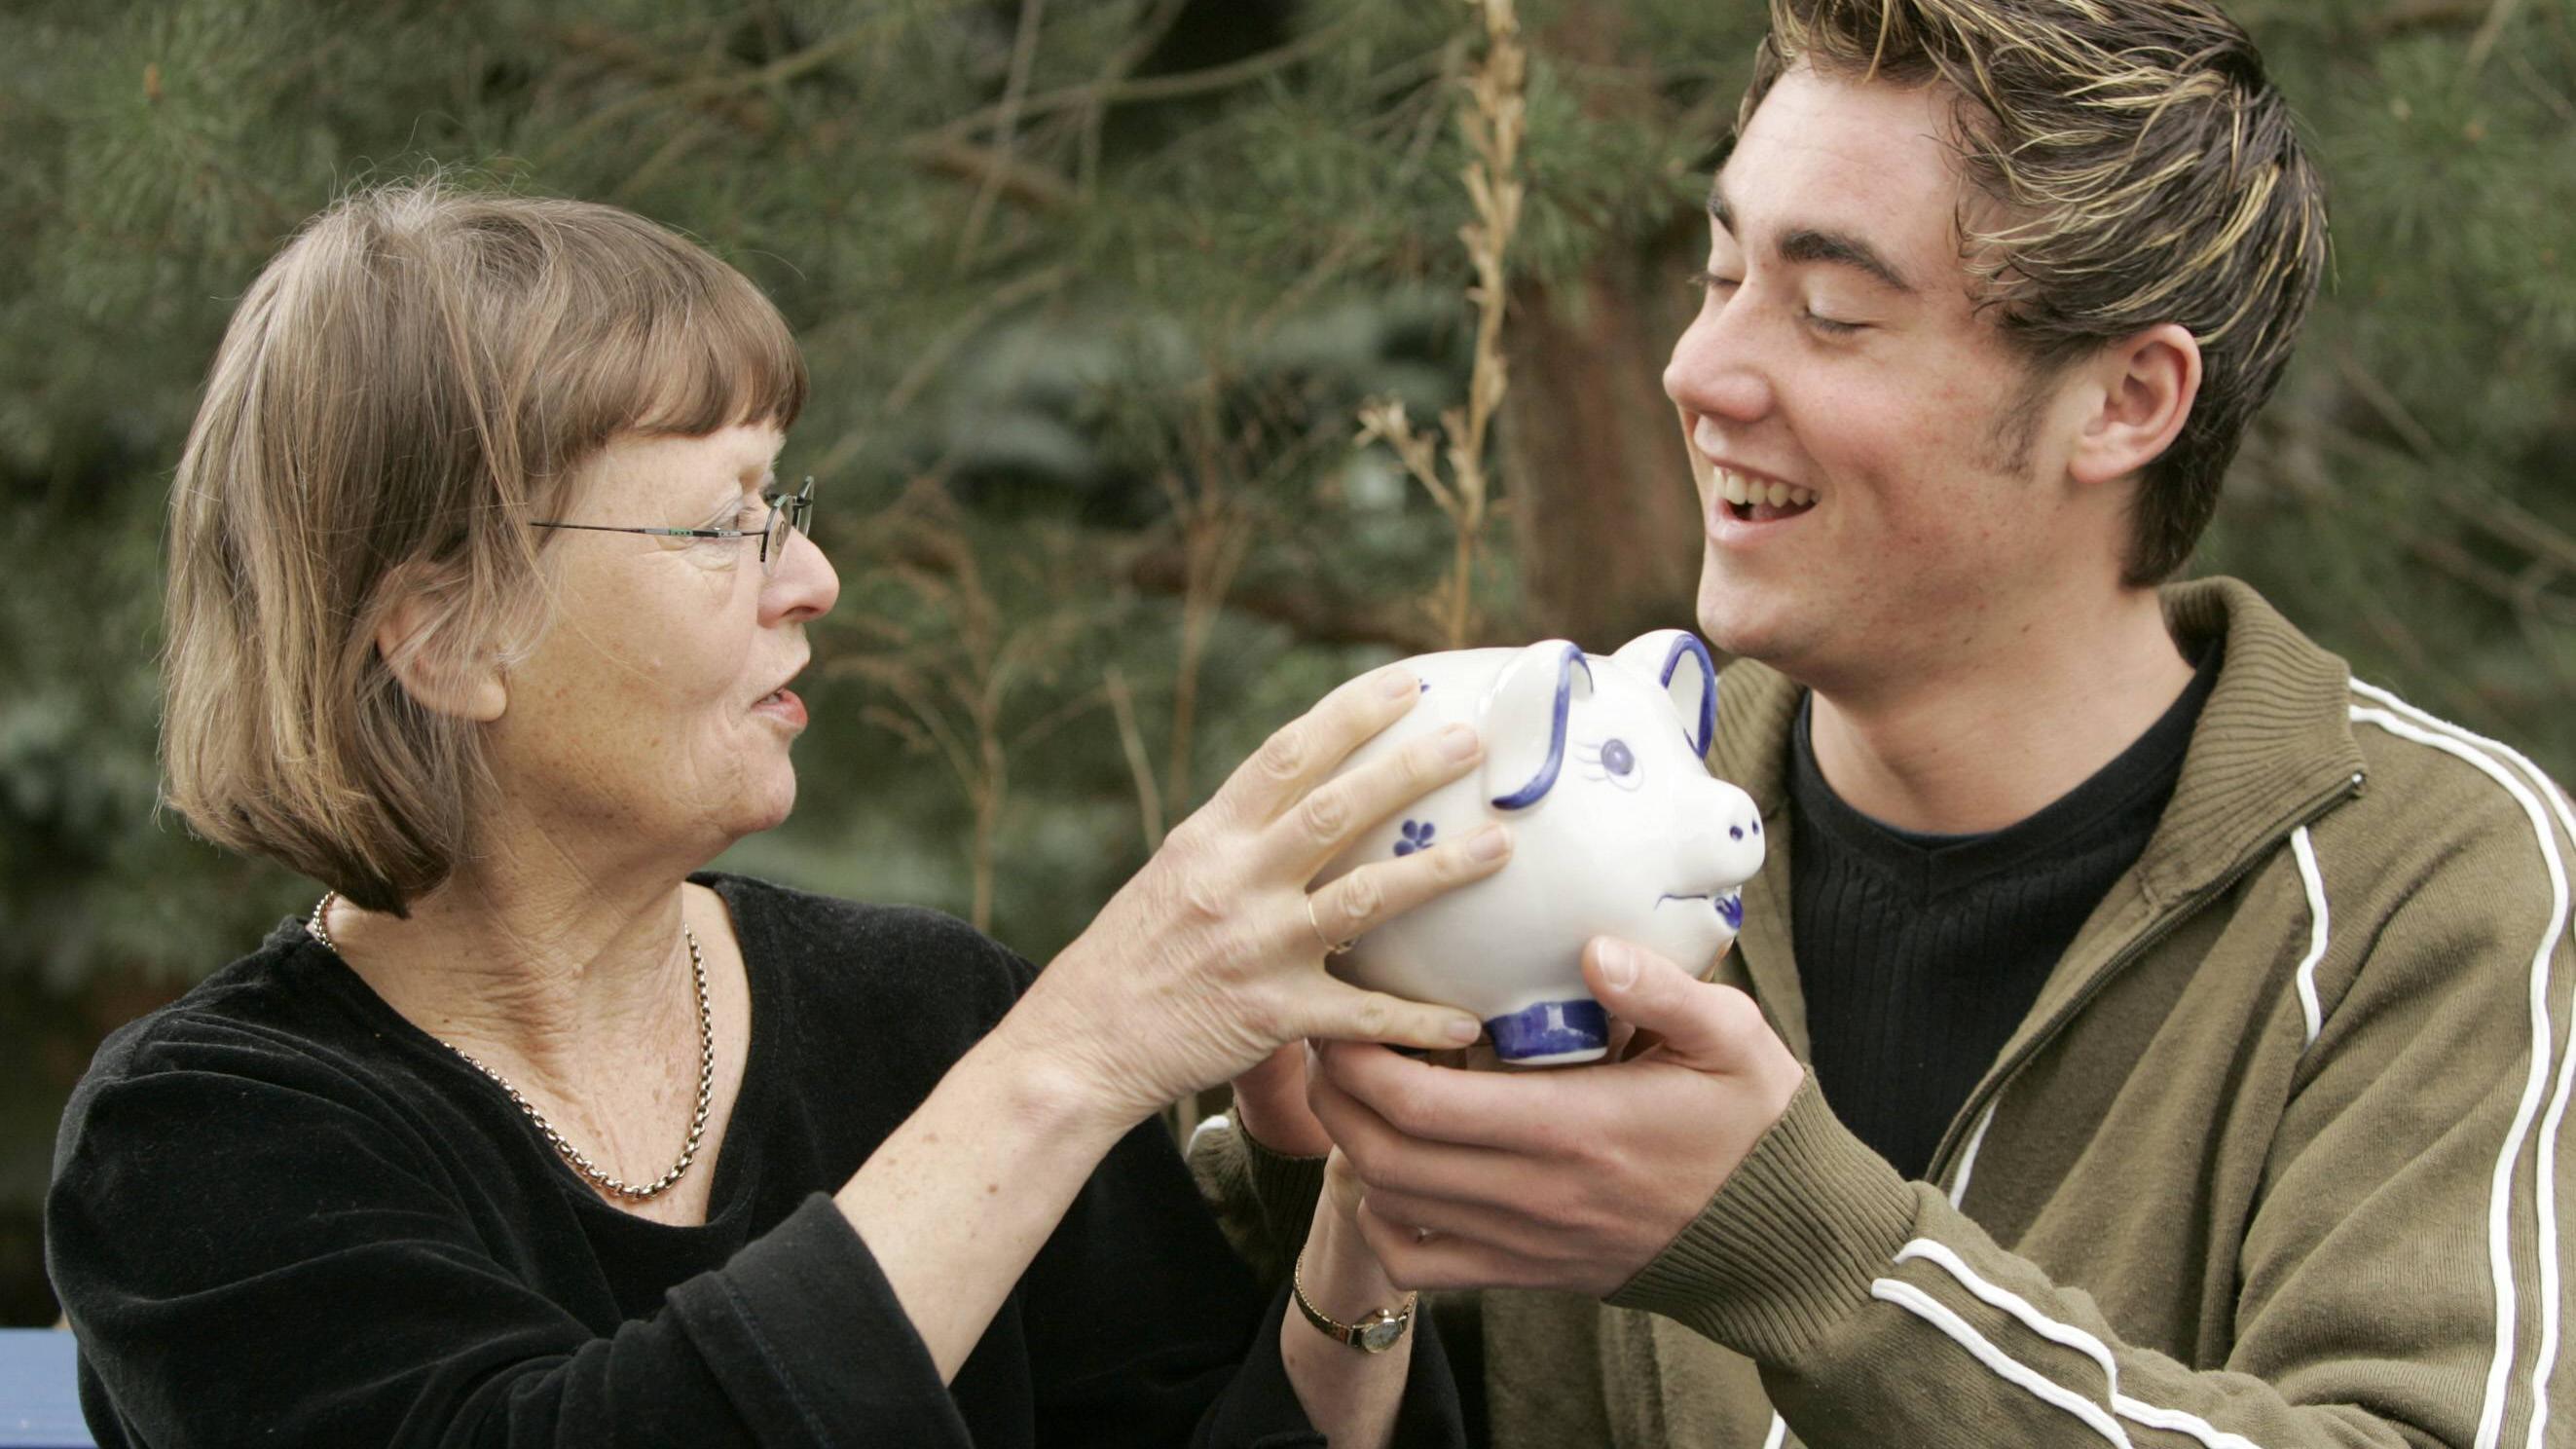 Wie viel Geld schenken Eltern zum 18. Geburtstag? - Was Sie darüber wissen sollten